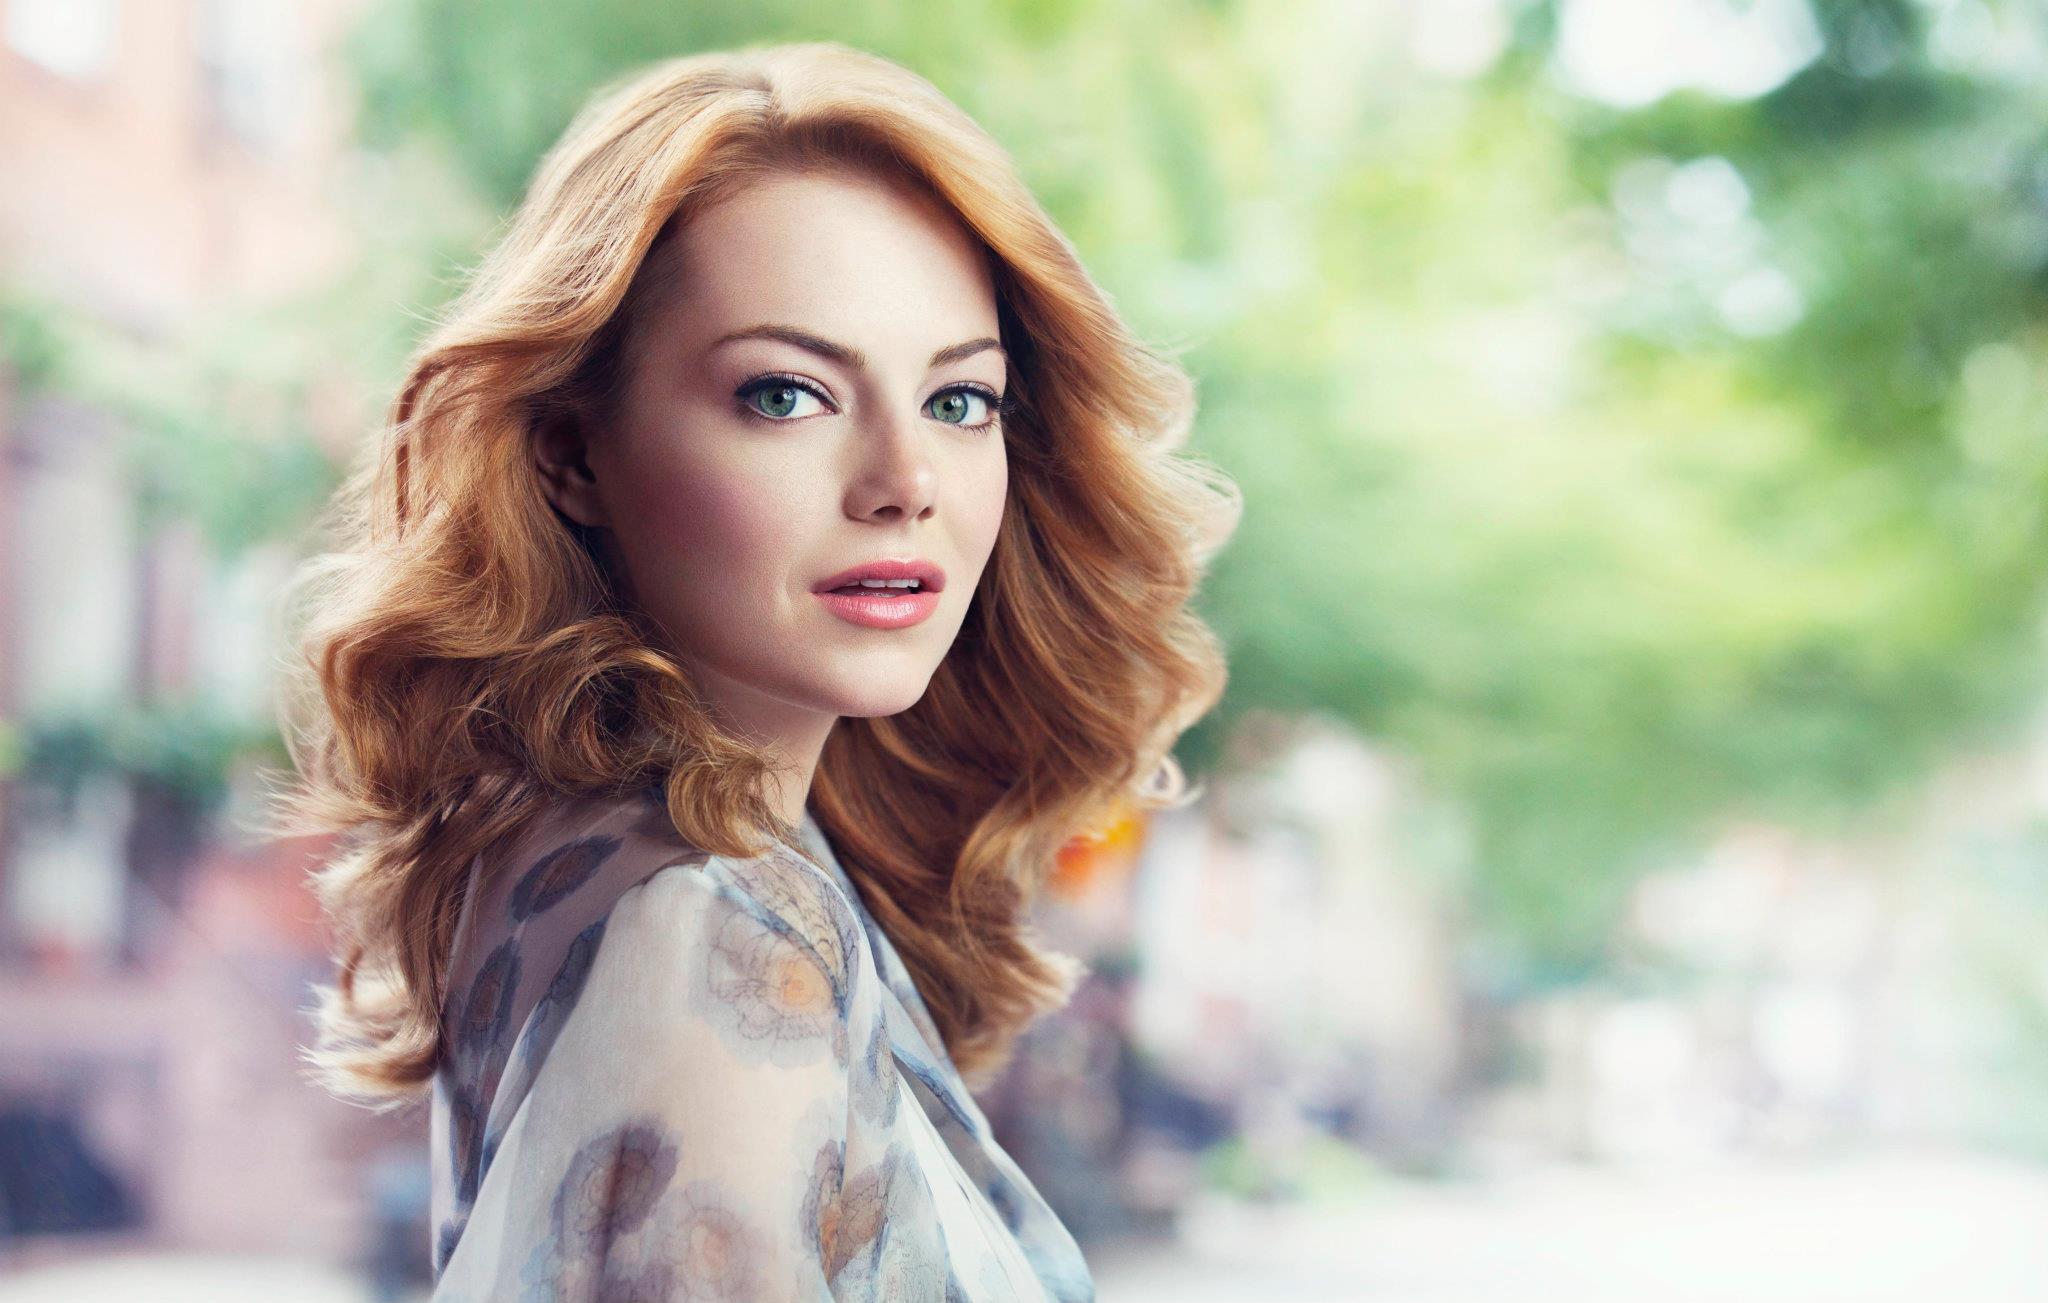 Hintergrundbilder Frau Modell Porträt Lange Haare